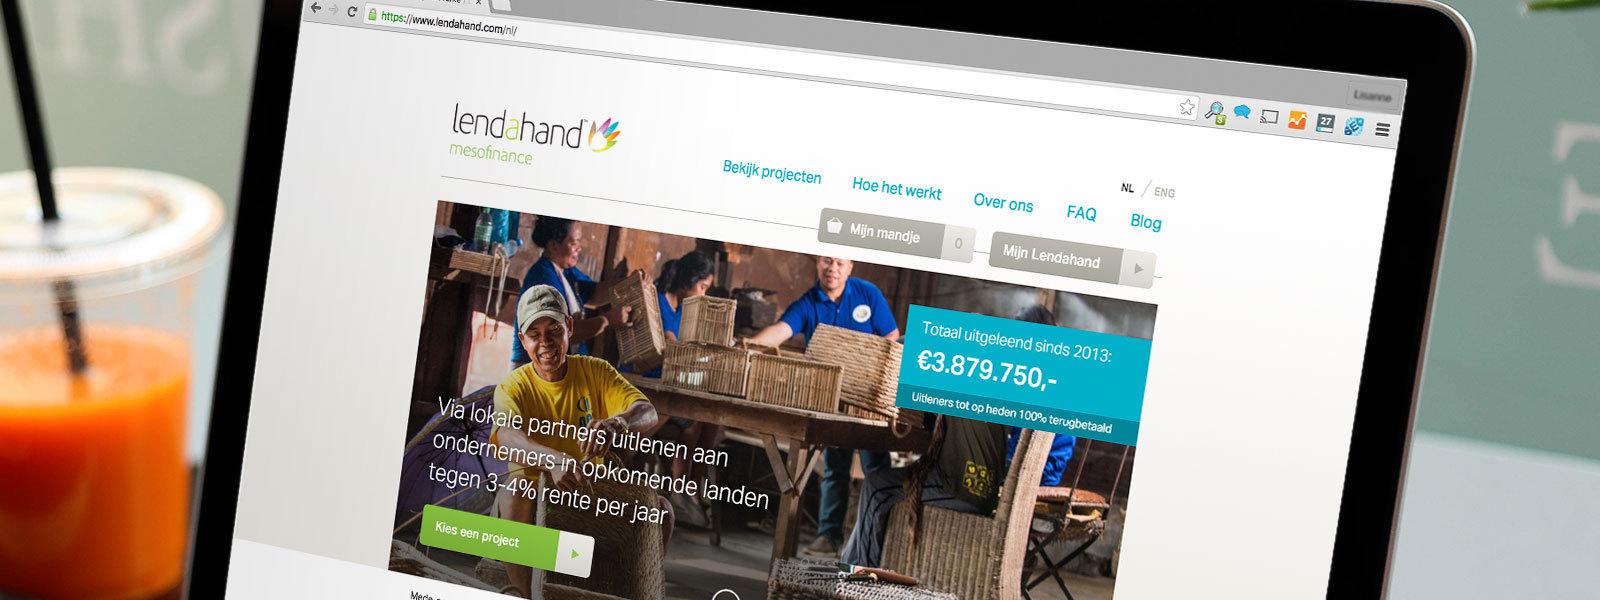 Crowdfunding in Nederland goed voor 7.8 miljoen euro financiering in september